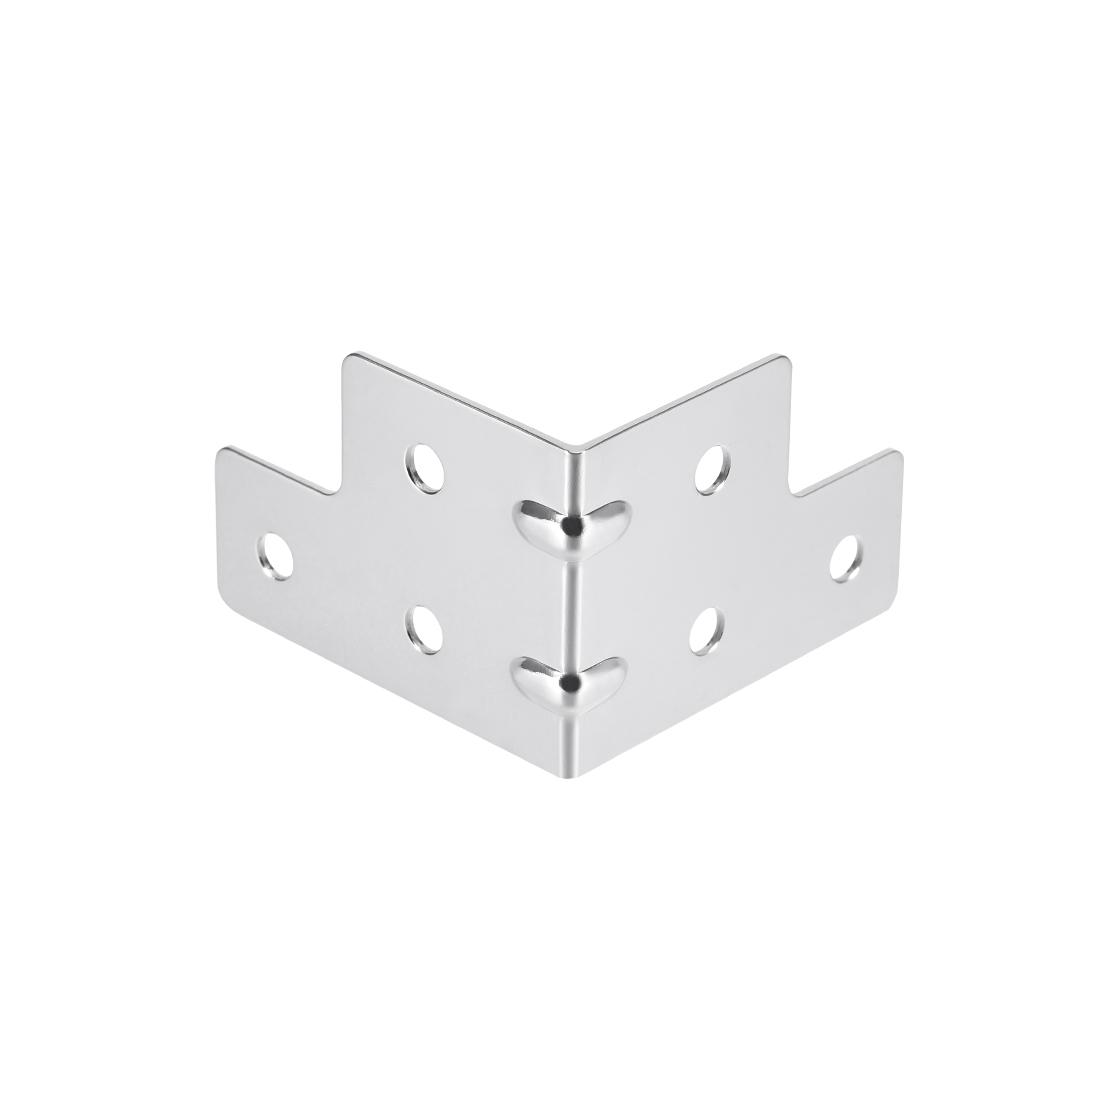 Metal Box Corner Protectors Wooden Box Edge Guard Protector 55 x 55 x 40mm 24pcs